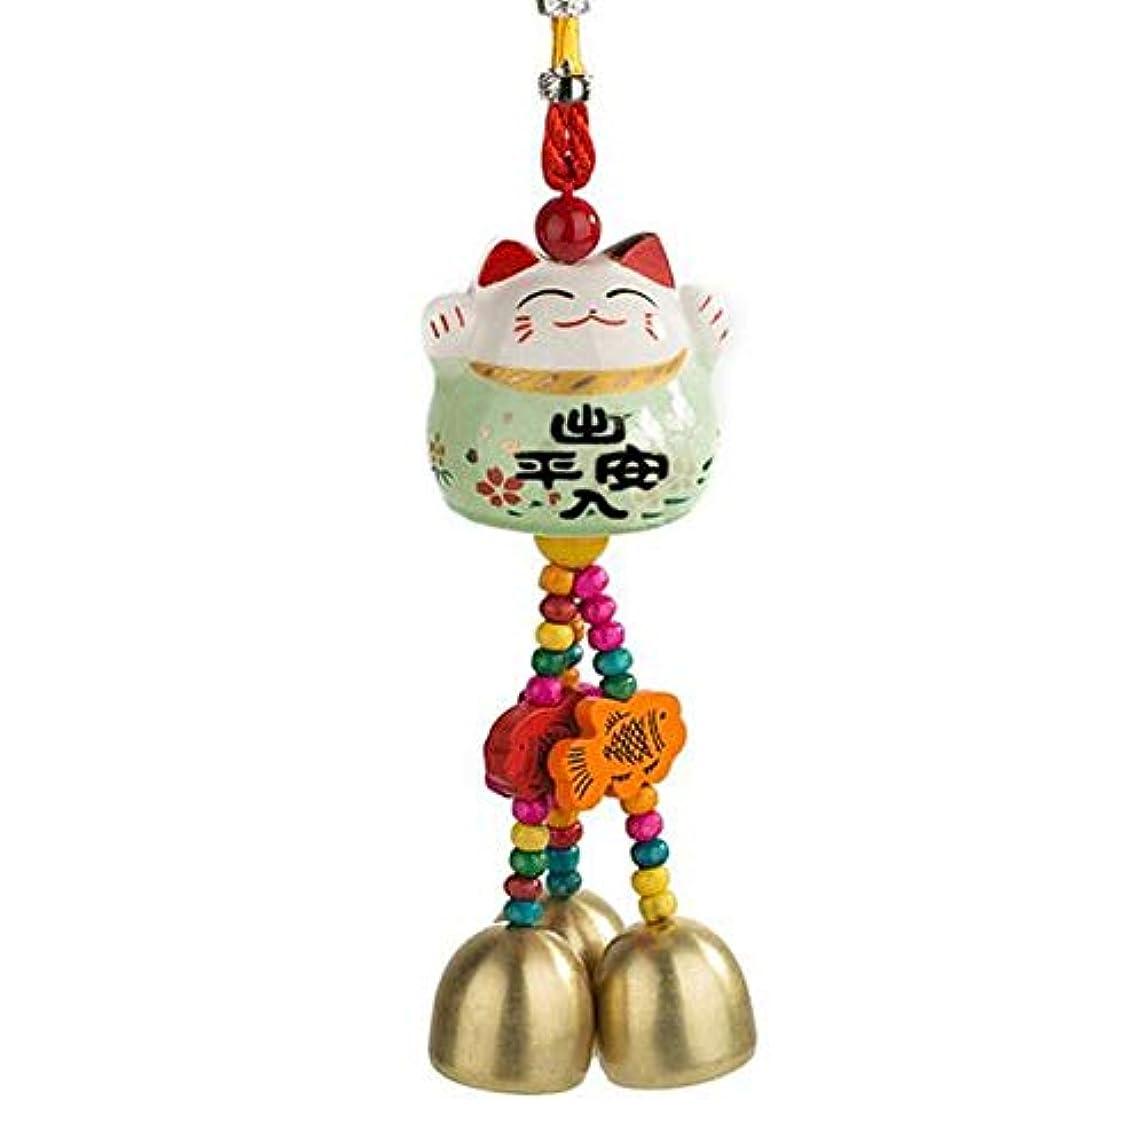 動かす祭司閉じるJielongtongxun 風チャイム、かわいいクリエイティブセラミック猫風の鐘、ブルー、ロング28センチメートル,絶妙な飾り (Color : Green)